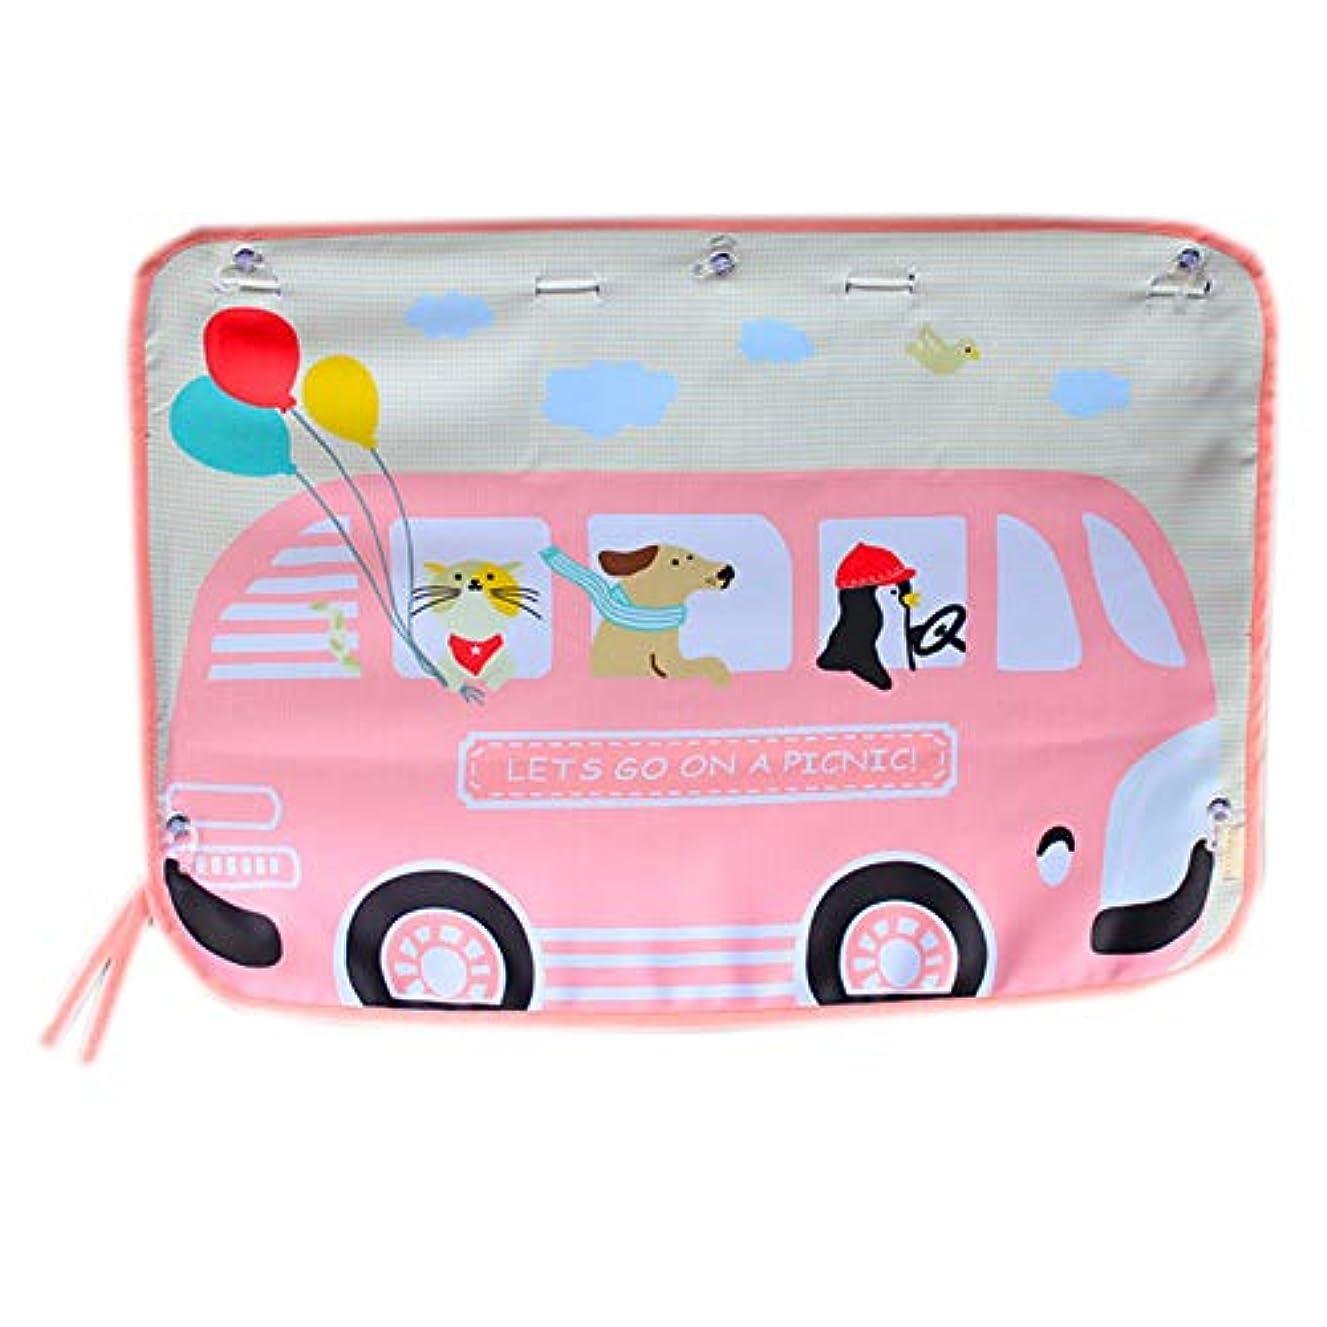 ガロン暴露博物館夏 車 シェード カーテン 日焼け止め 抗UV絶縁 吸盤 車の使用 カーテン サイドプル サイドウィンドウ (1個),Pink